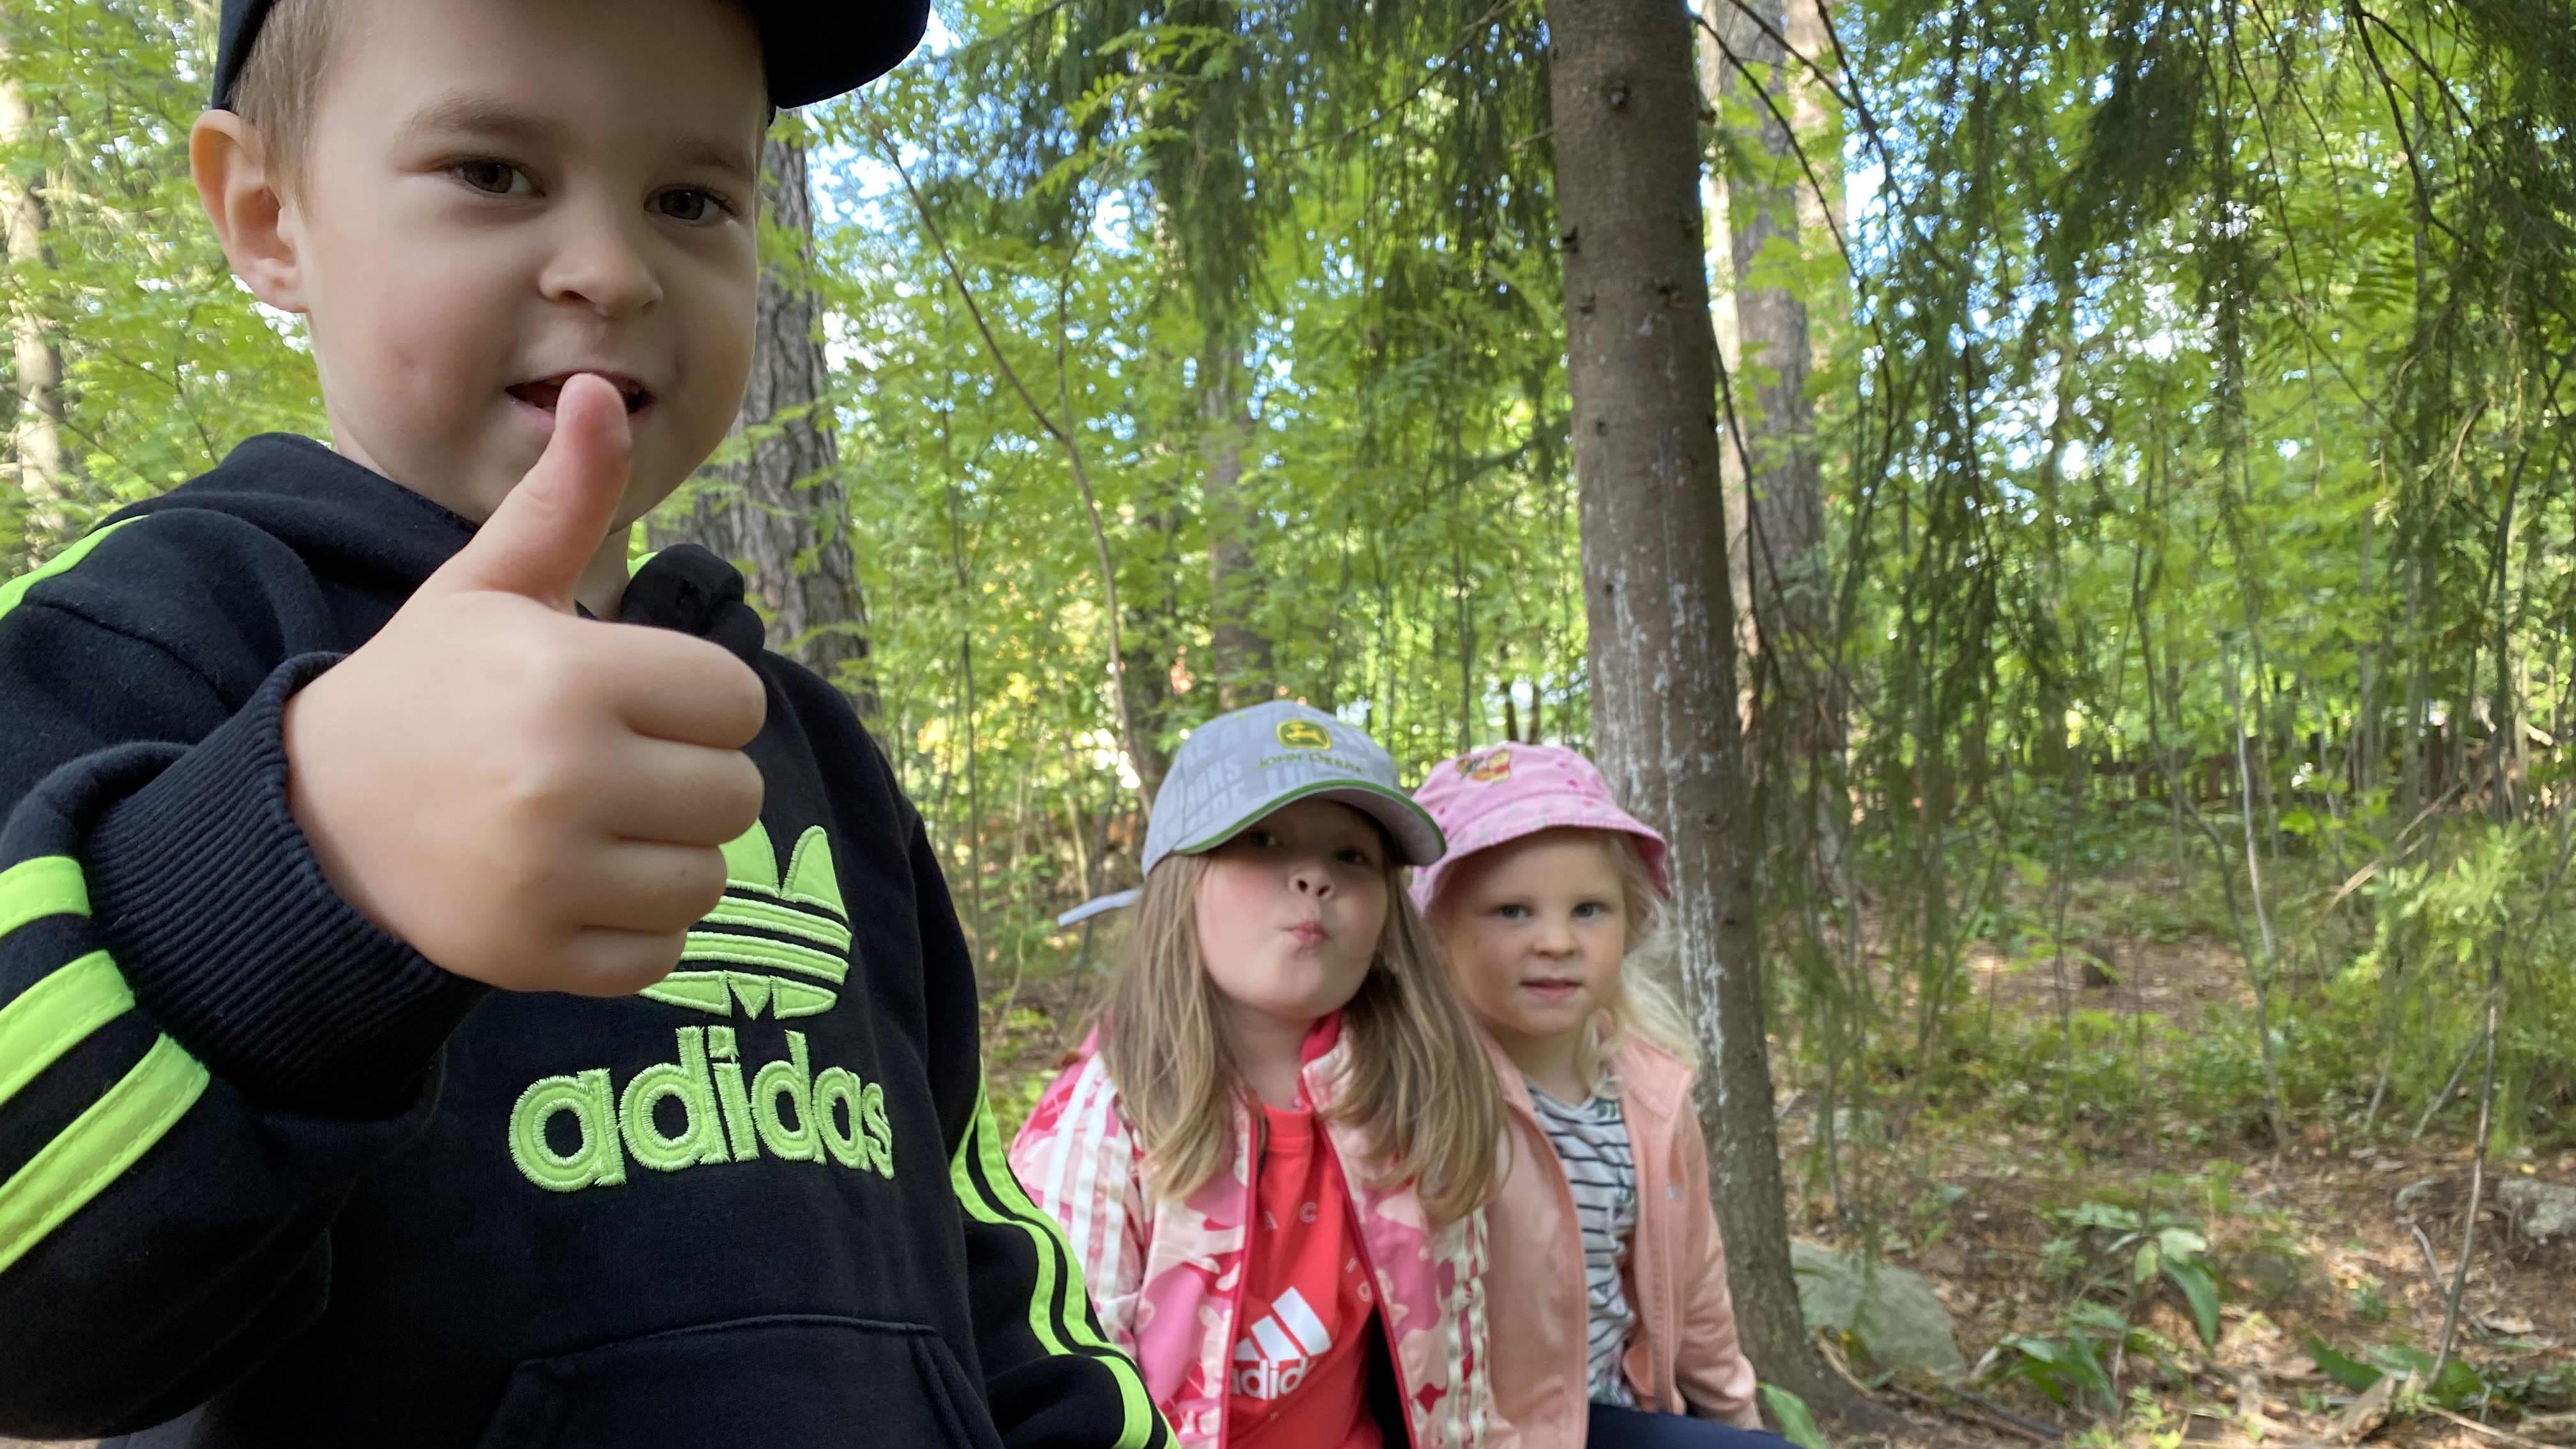 Hämeenlinnalaisen Kankaantaan päiväkodin esikoululaiset Sebastian Smirnov, Milja Marttila ja Milla Tiukka leikkivät metsässä.